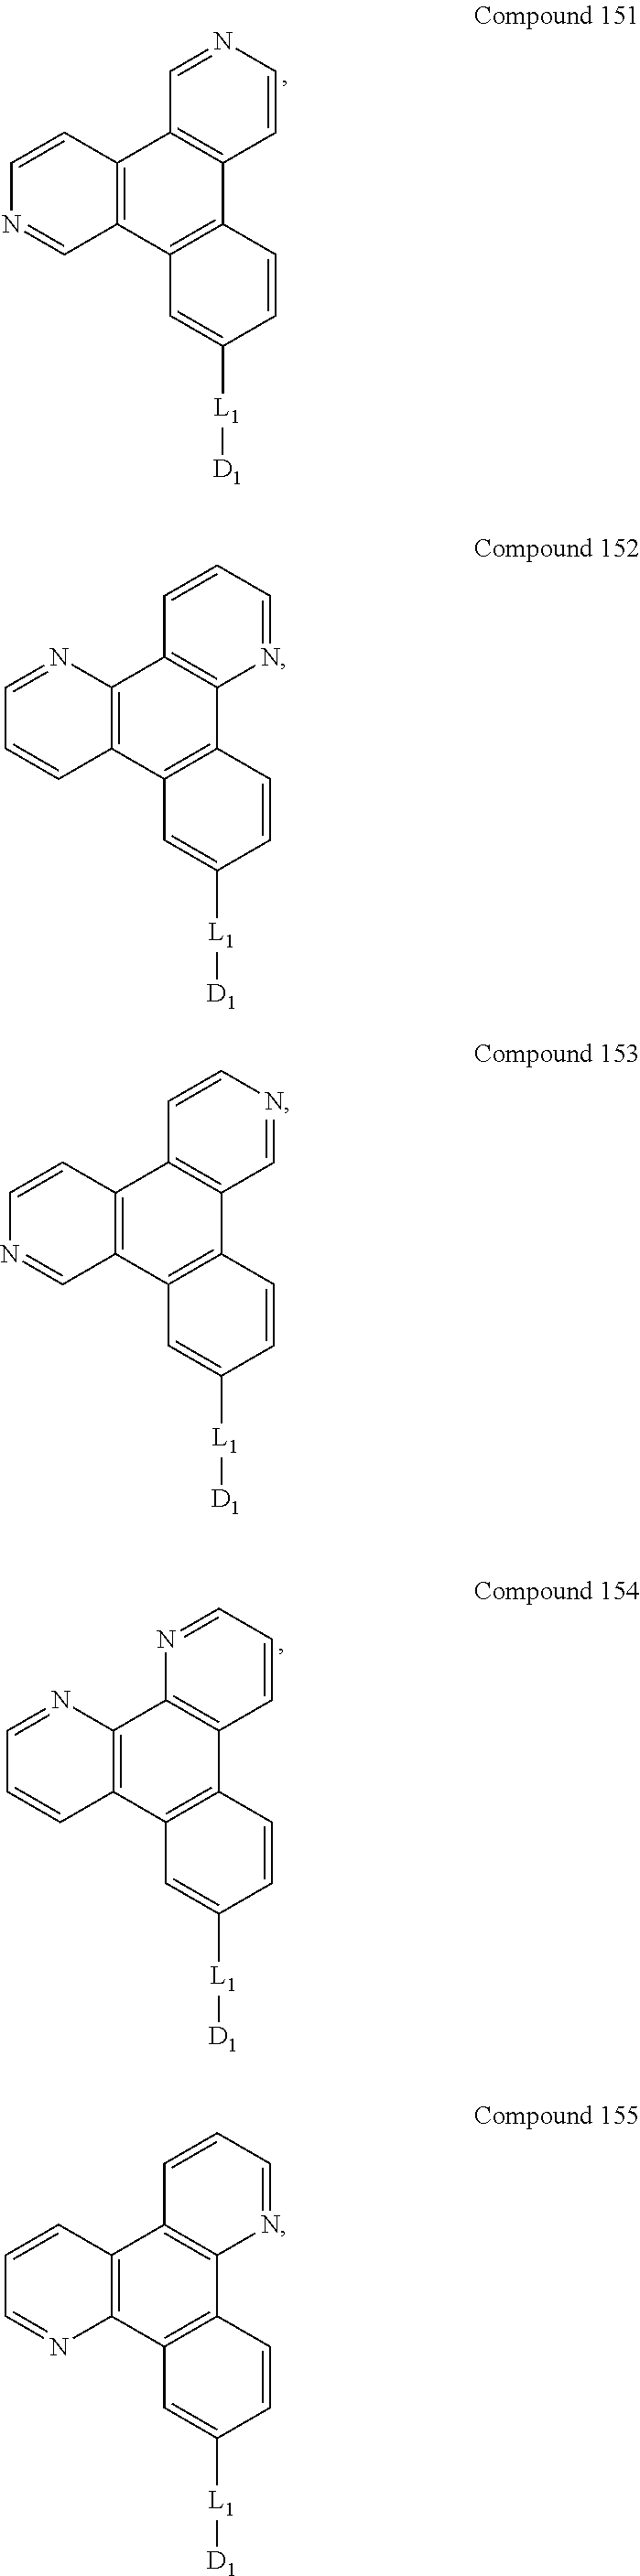 Figure US09537106-20170103-C00517